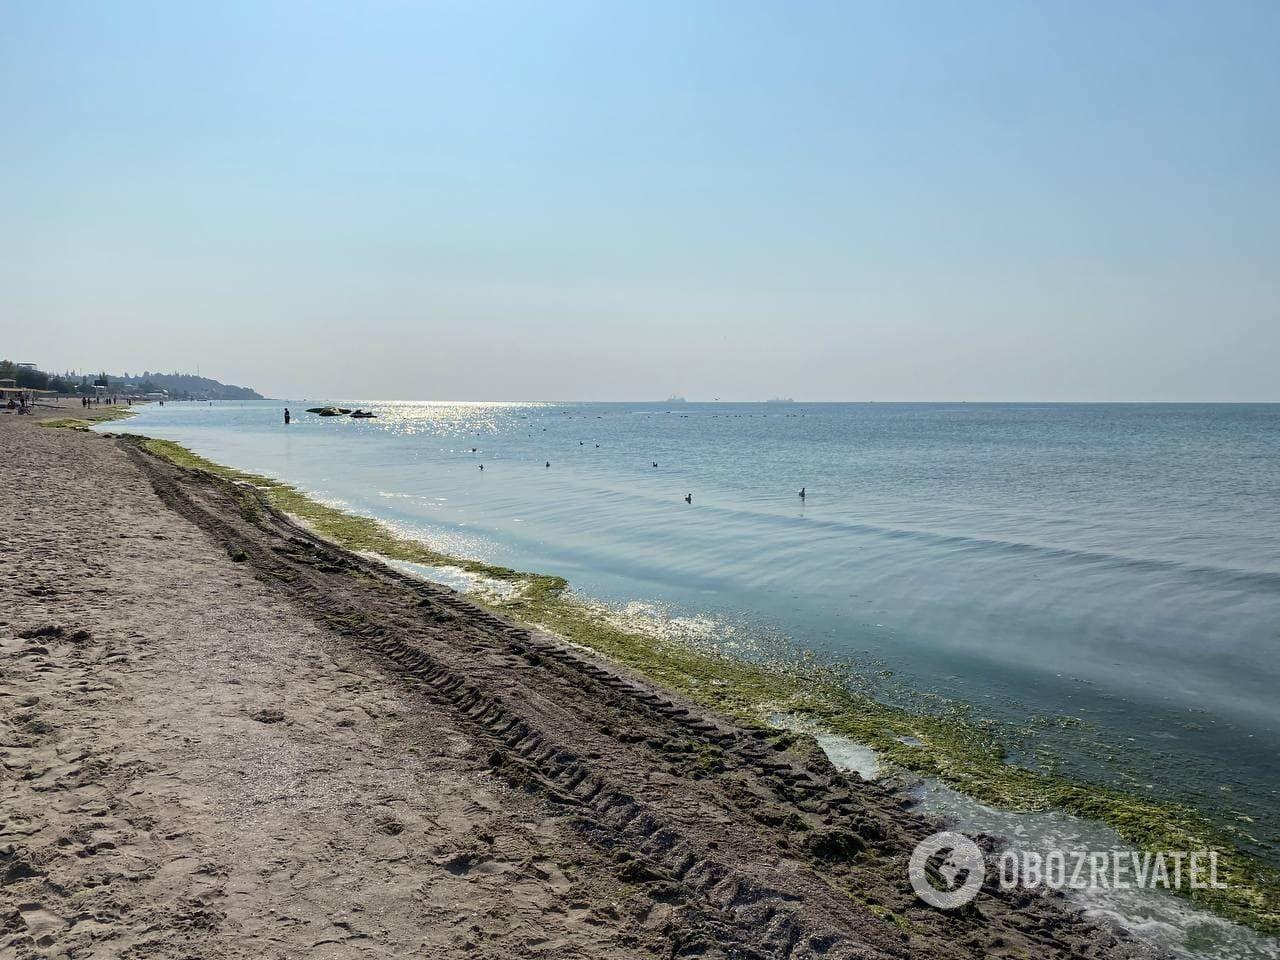 Як зараз виглядає пляж Коблево